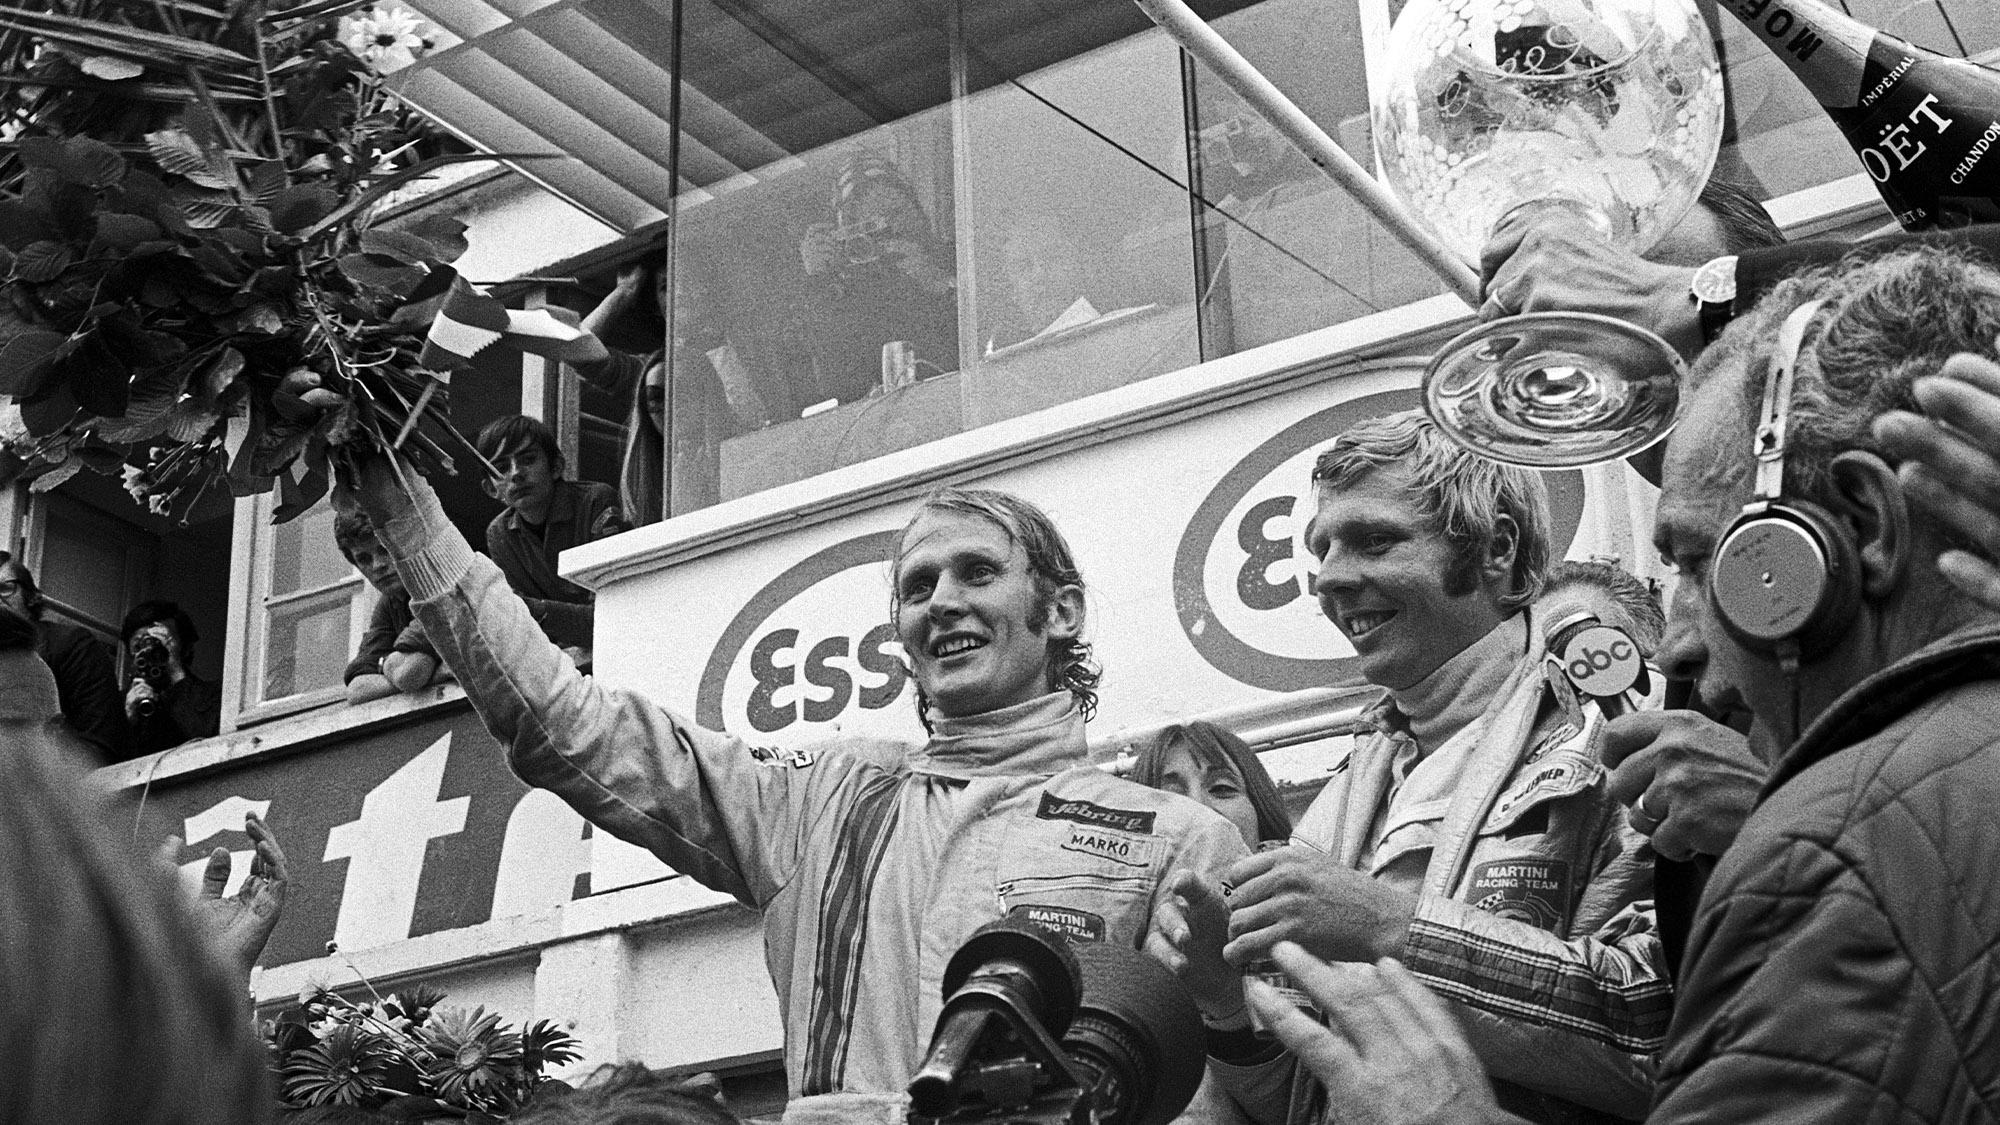 Helmu Marko and Gijs van Lennep after winning Le Mans in 1971